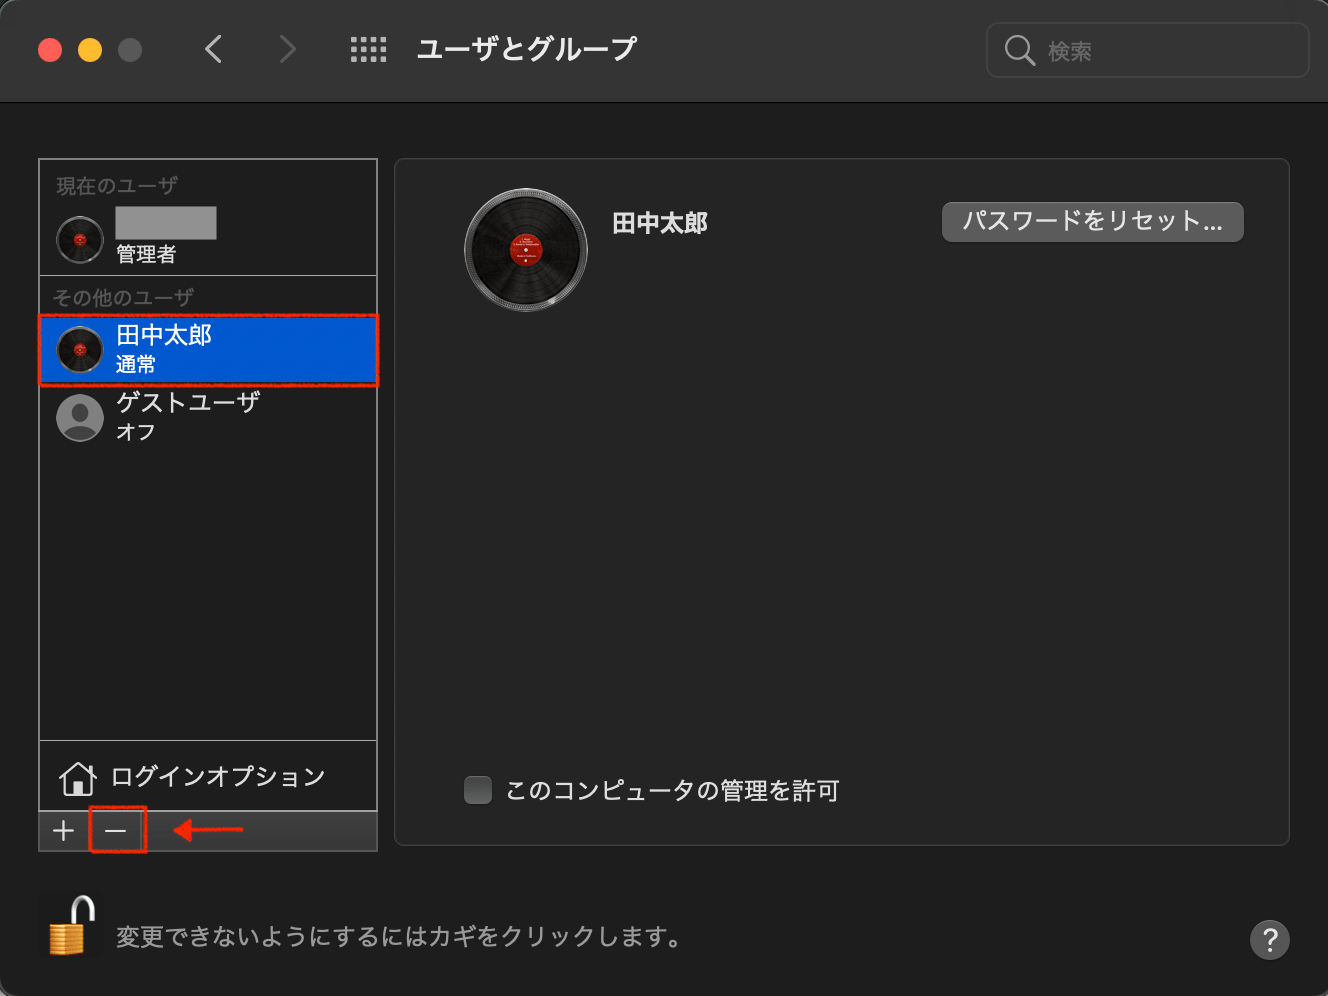 ロックを解除したら、削除アカウントを選択して「ログインオプション」下にある「–」アイコンをクリック